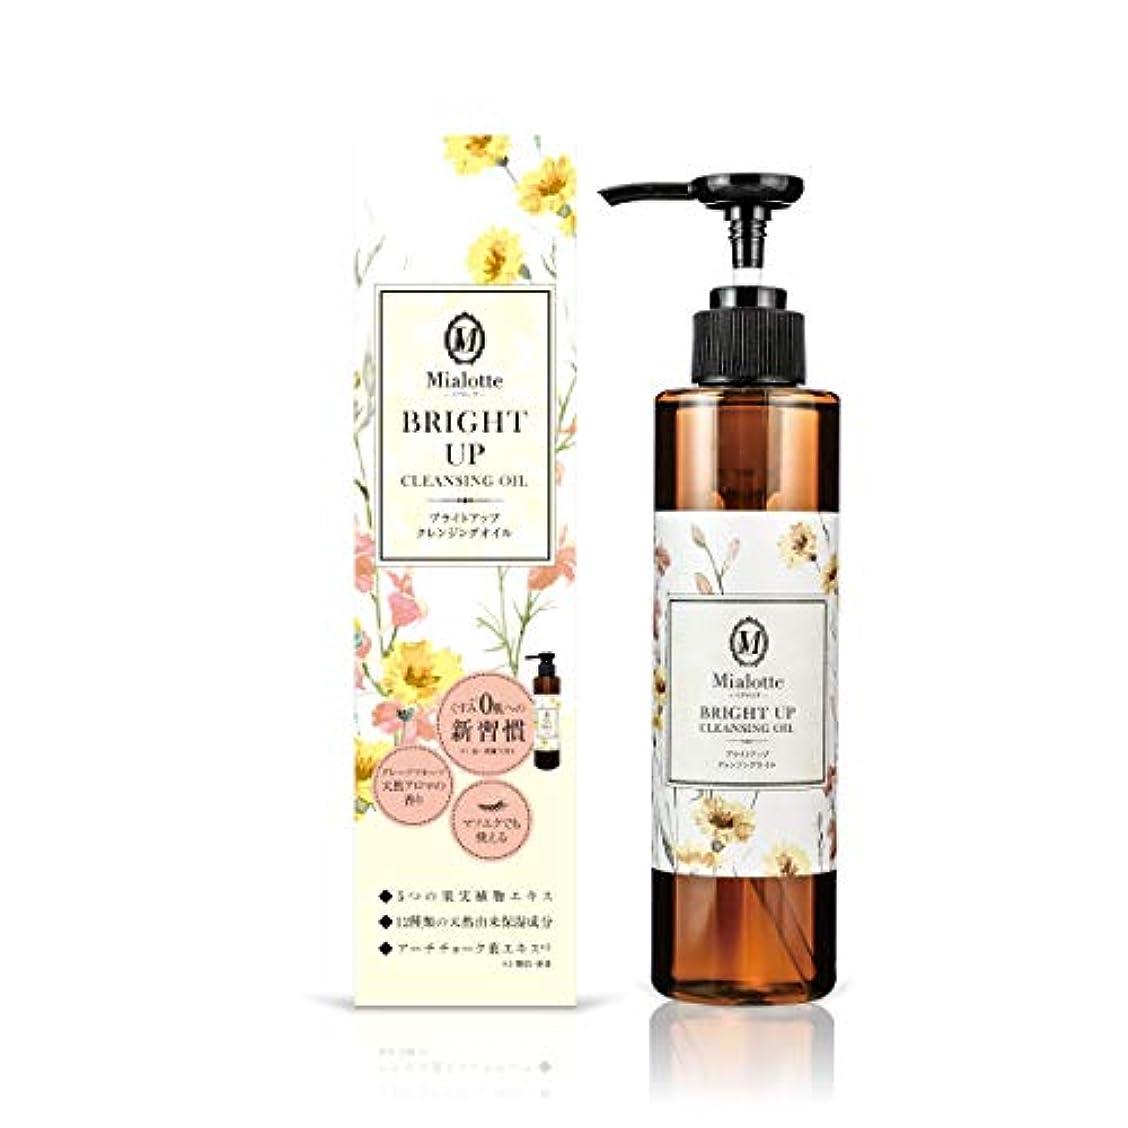 ブラシ香水クリックMialotte(ミアロッテ) ブライトアップクレンジングオイル 200ml / W洗顔不要。くすみ0肌への新習慣! 毎日のクレンジングで透明肌へ